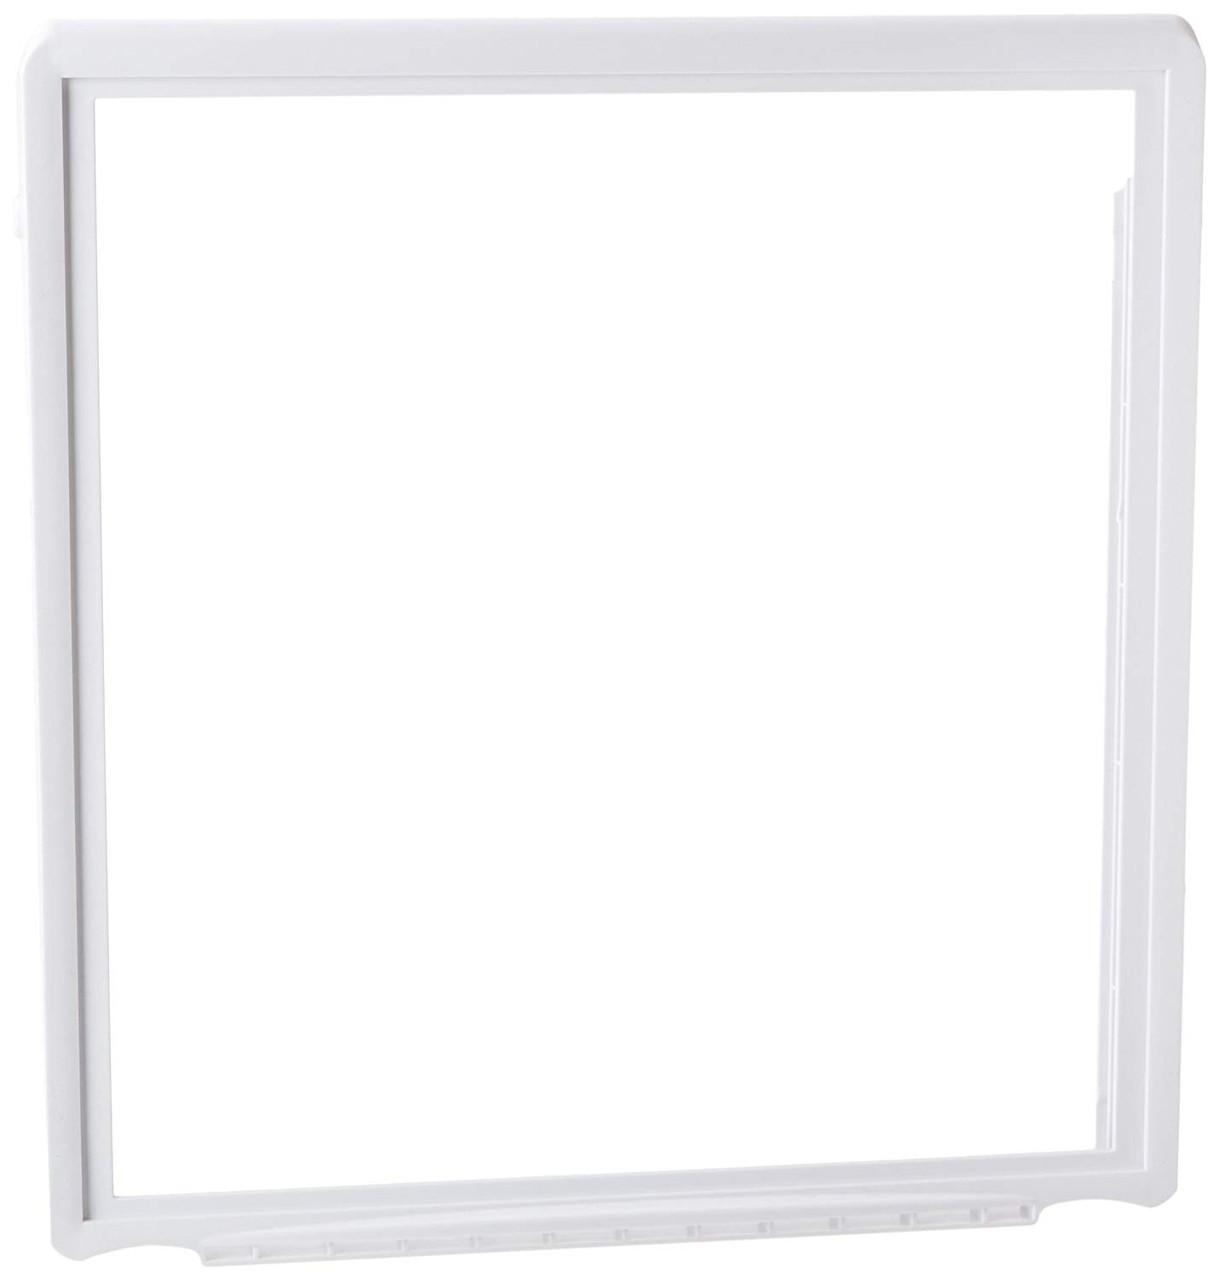 FFSS2625TP0 FGSS2635TD0 FFSS2625TS0 FGHS2631PF5A Clear Refrigerator Door Bin Compatible with Frigidaire FFSS2625TE0